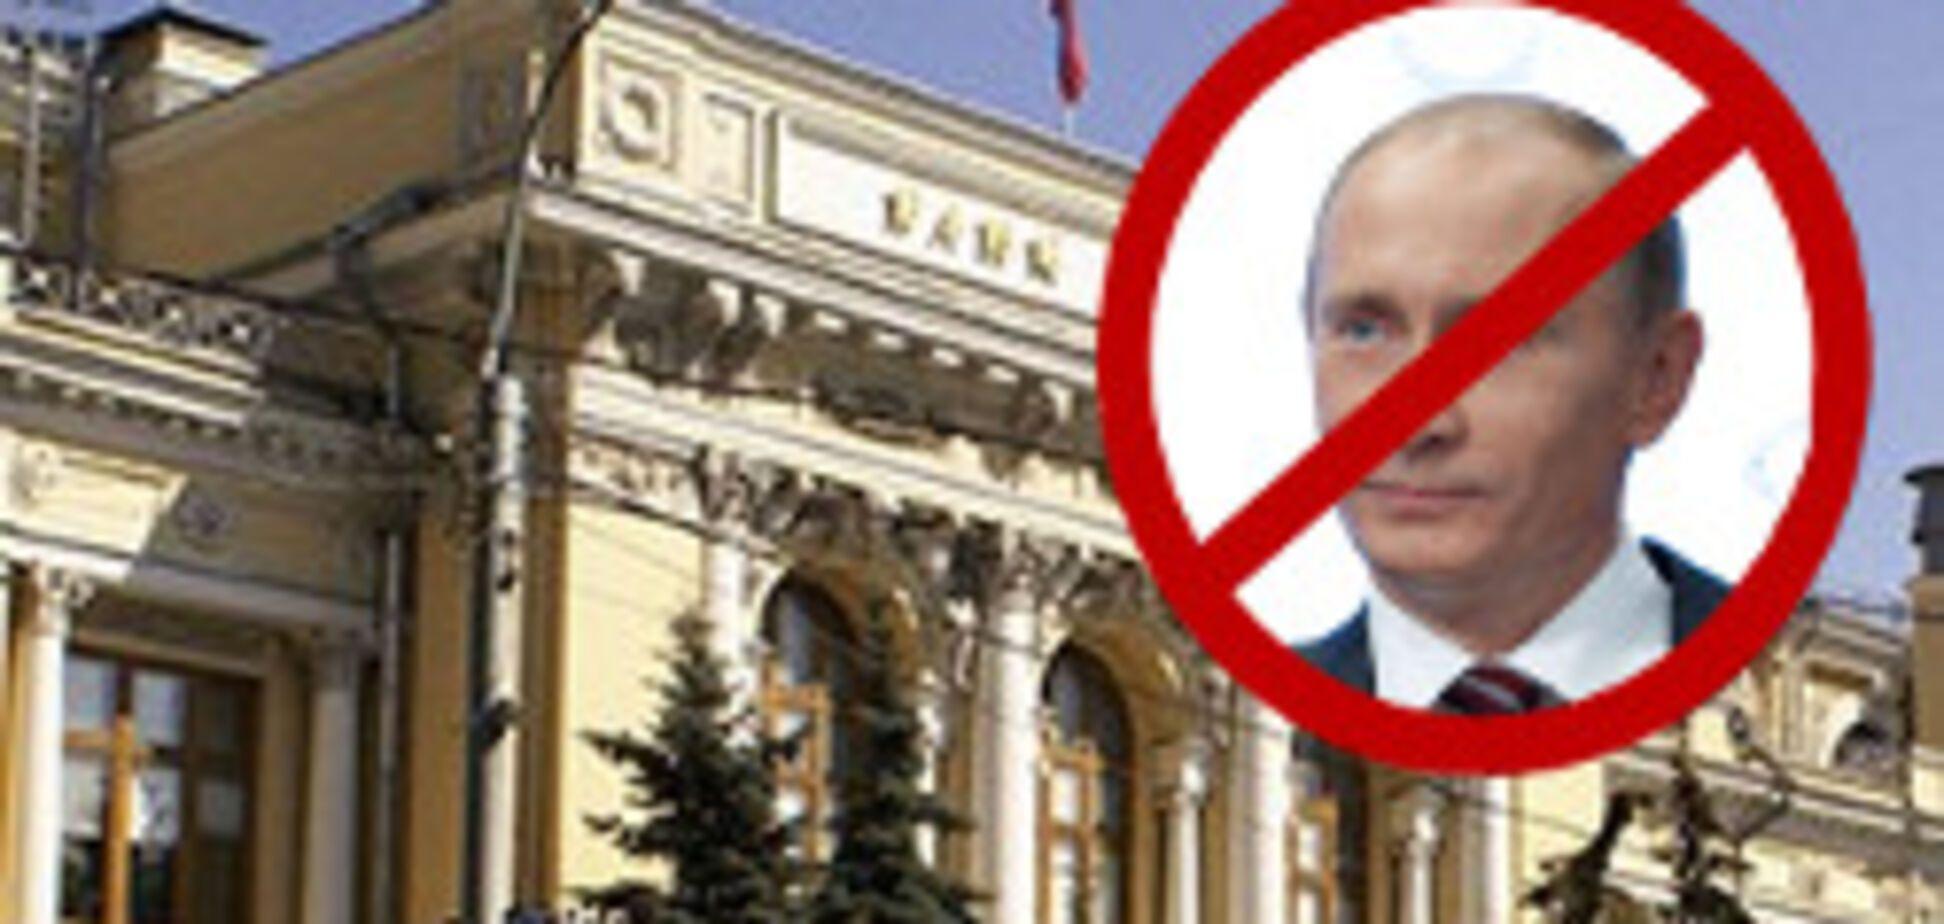 Родственники Путина: на чем специализируются